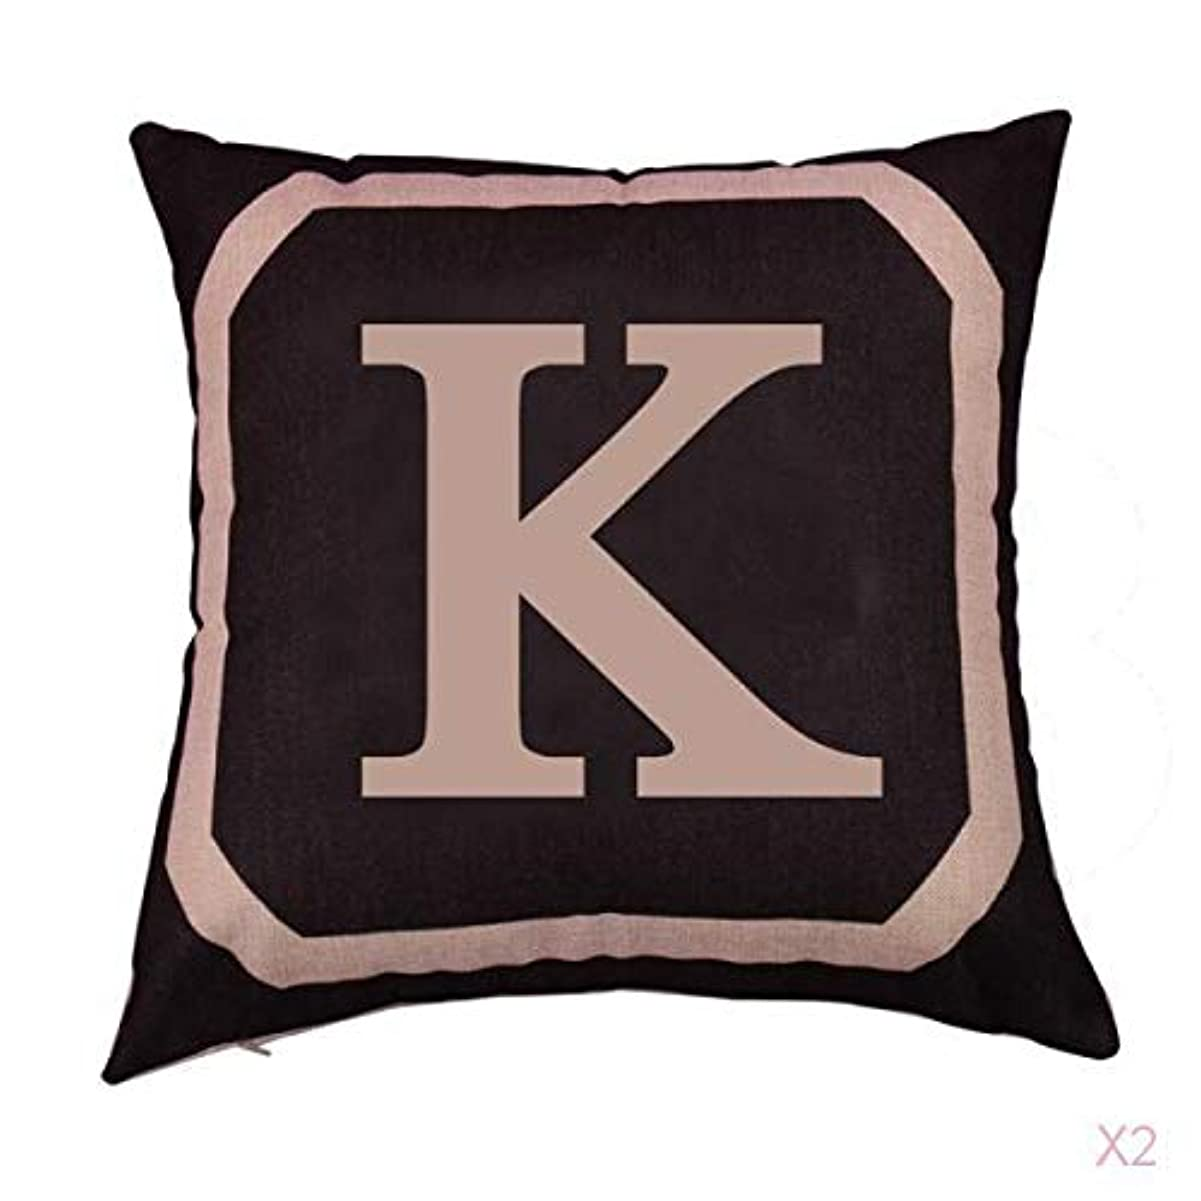 侵入敵対的驚くべき正方形の綿のリネンスローピローケース腰クッションカバーベッドソファ装飾kを